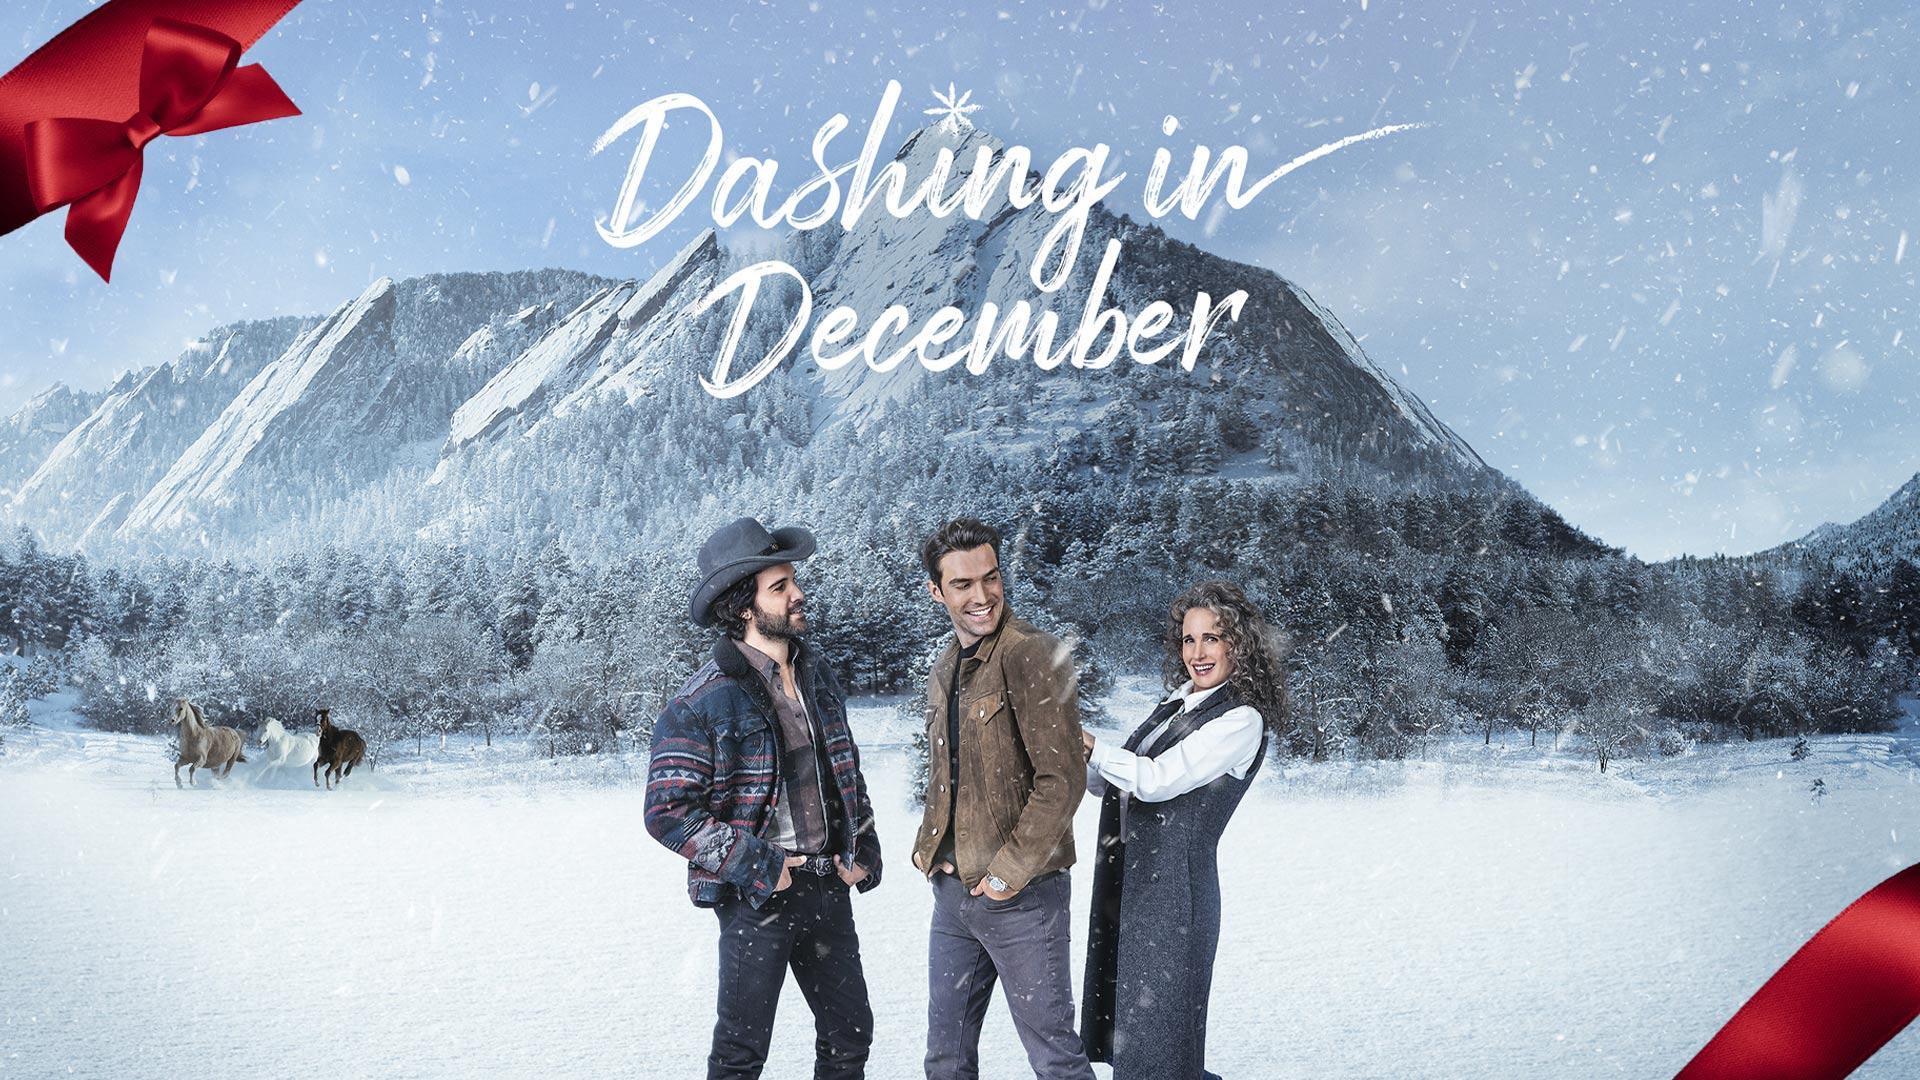 Dashing in December Season 0